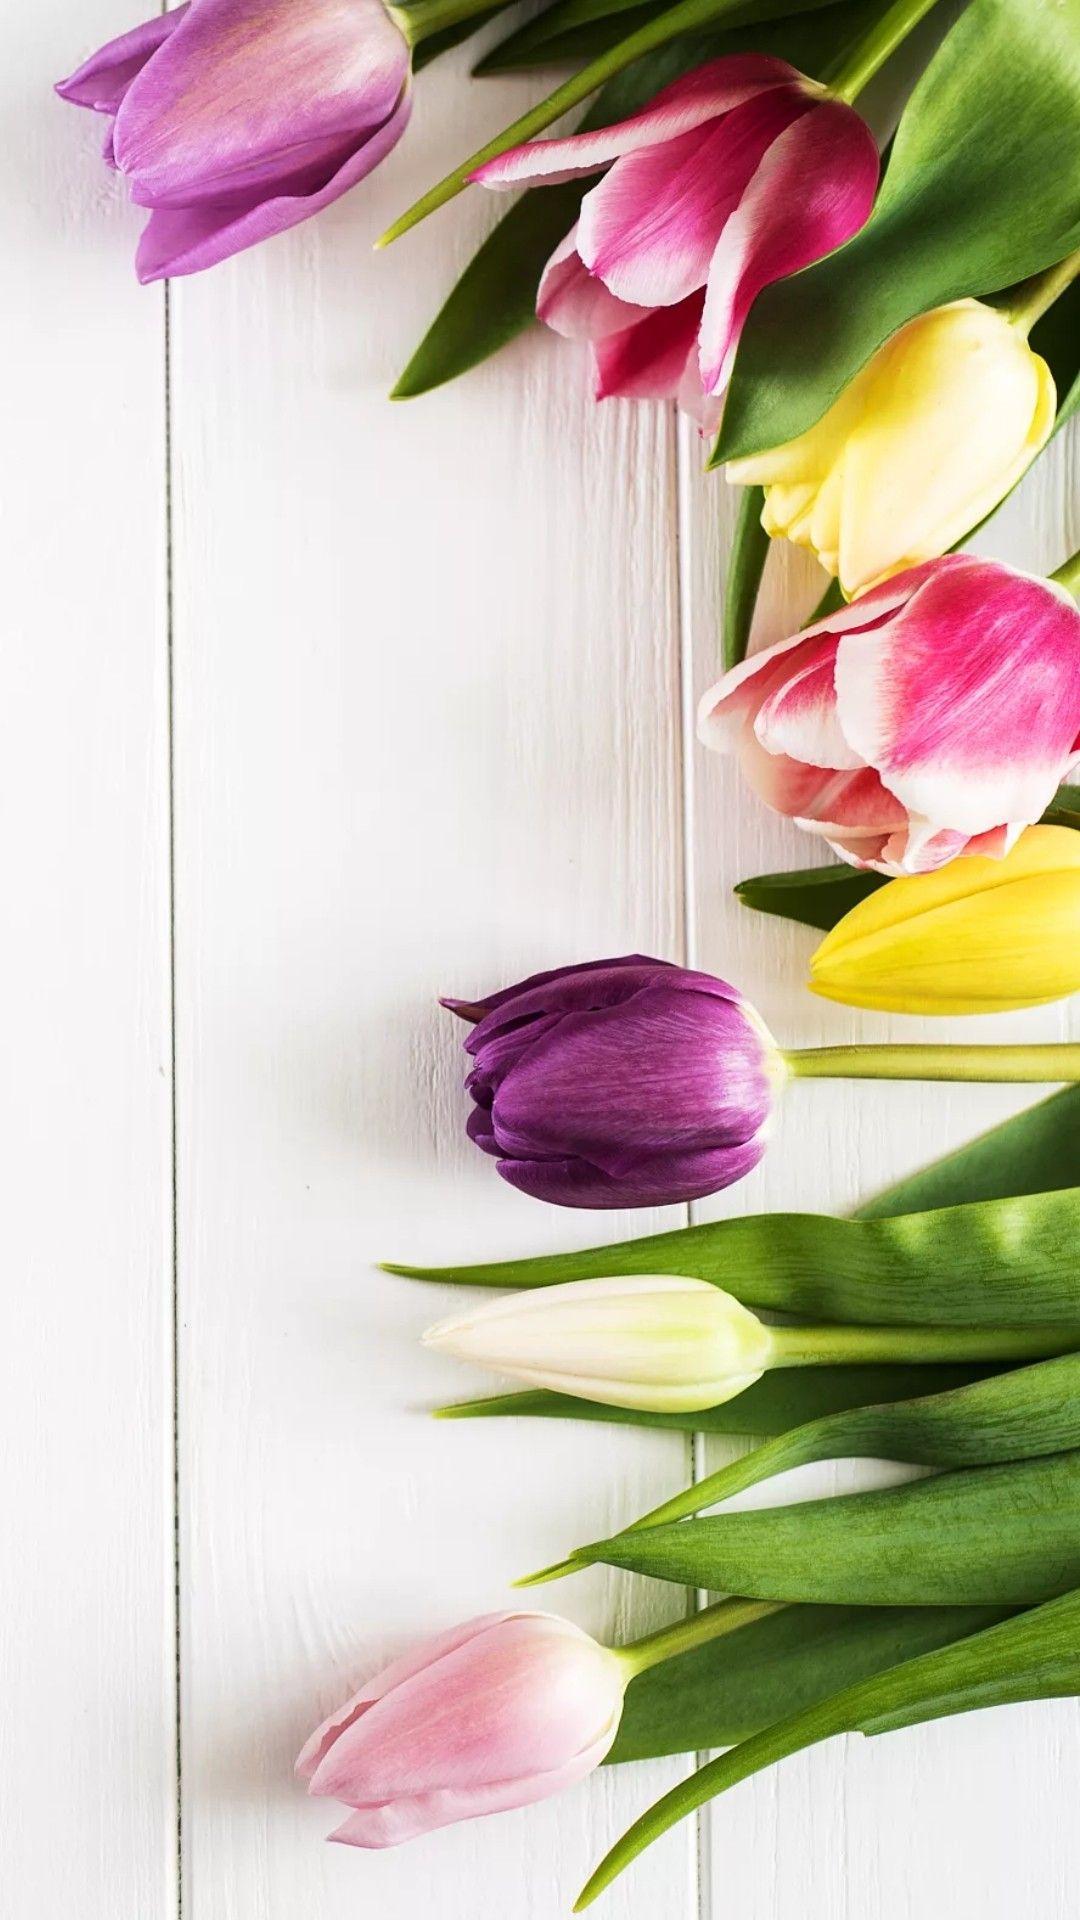 Tulips Fondos De Flores Ideas De Fondos De Pantalla Flores Tulipanes